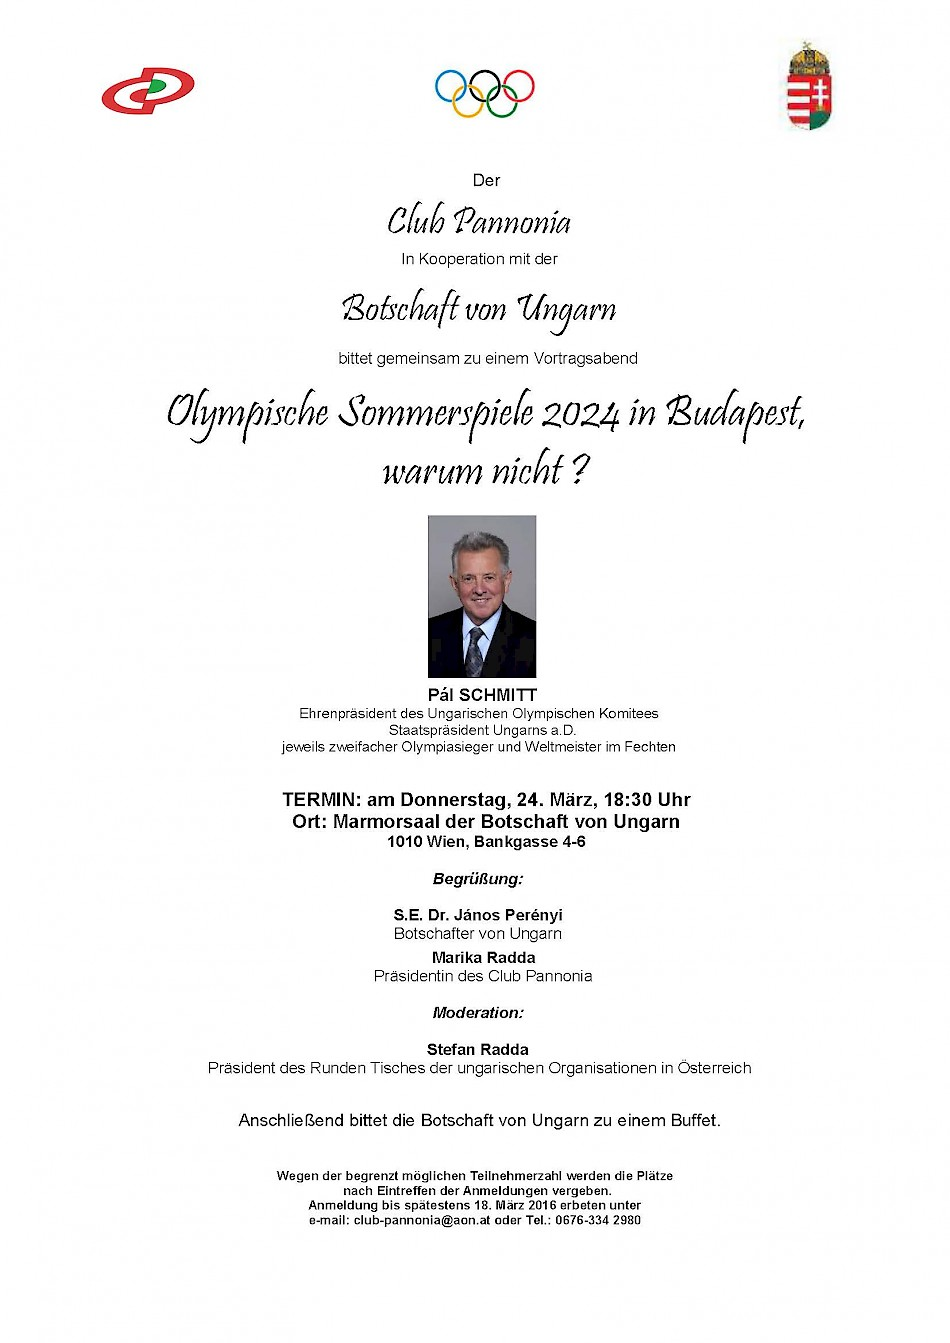 Olympische Sommerspiele 2024 in Budapest, warum nicht ?